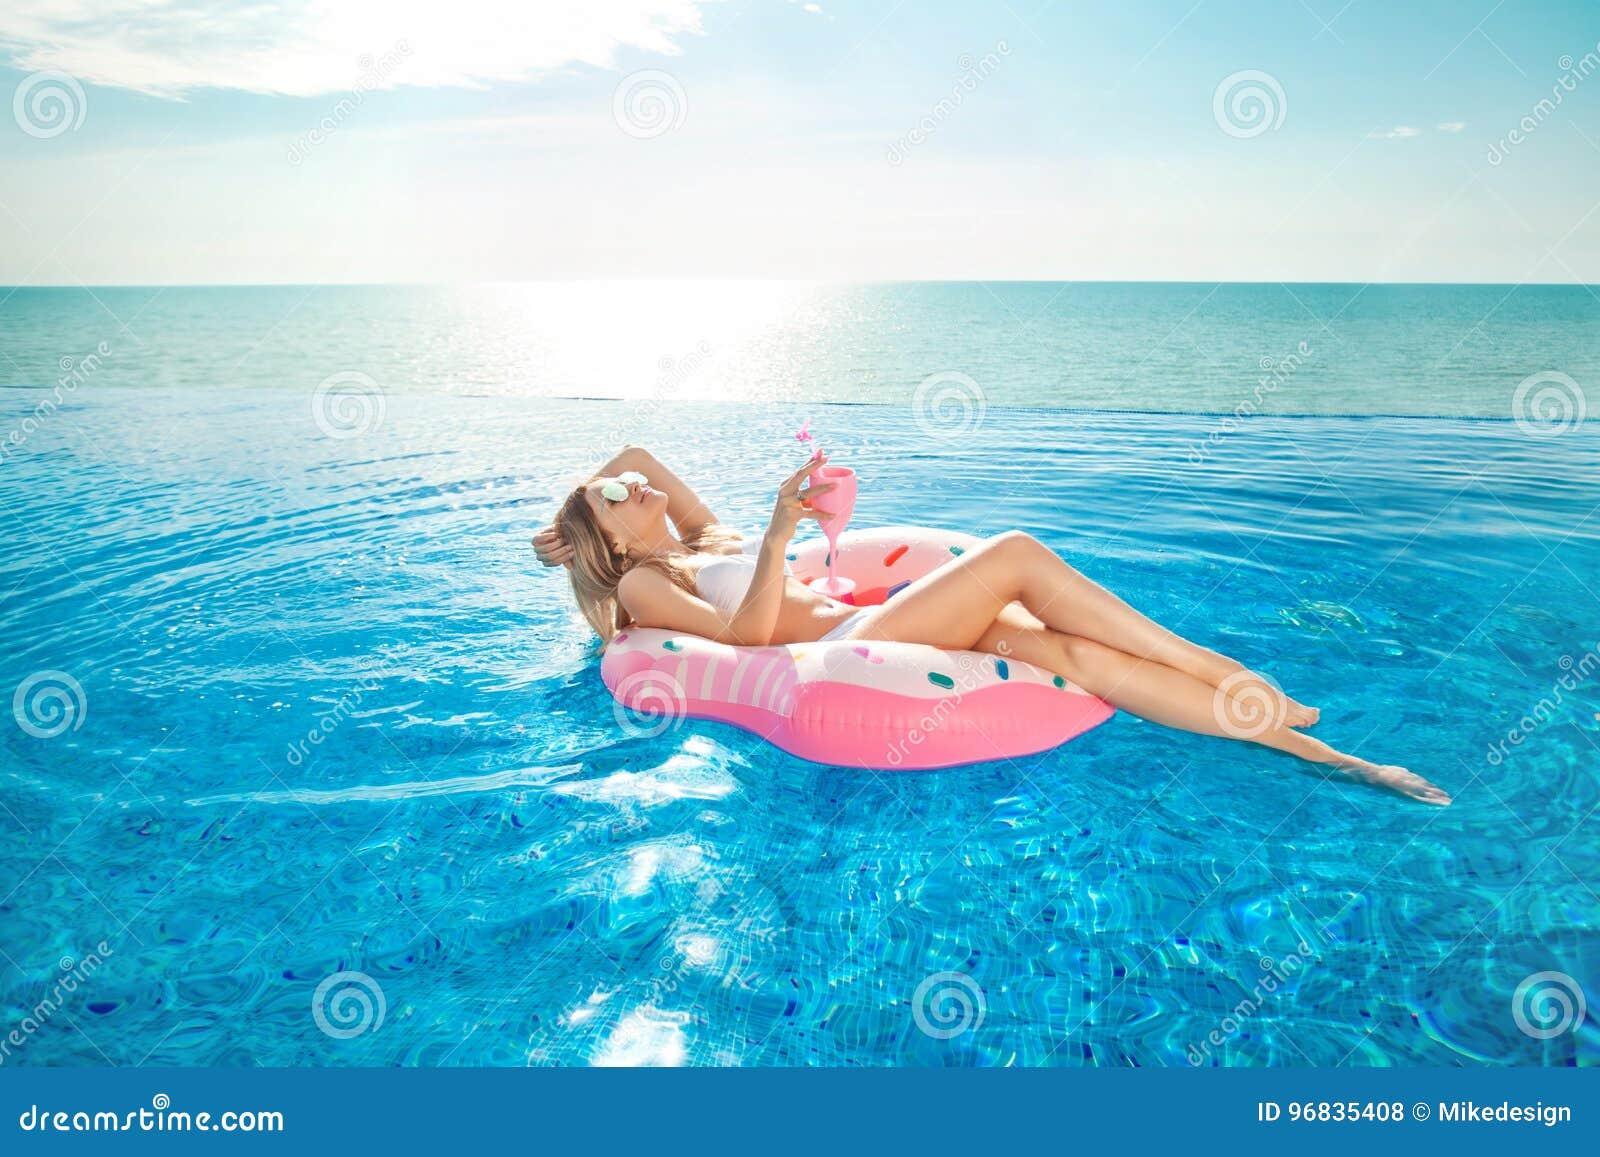 Vacaciones de verano Mujer en bikini en el colchón inflable del buñuelo en la piscina del BALNEARIO